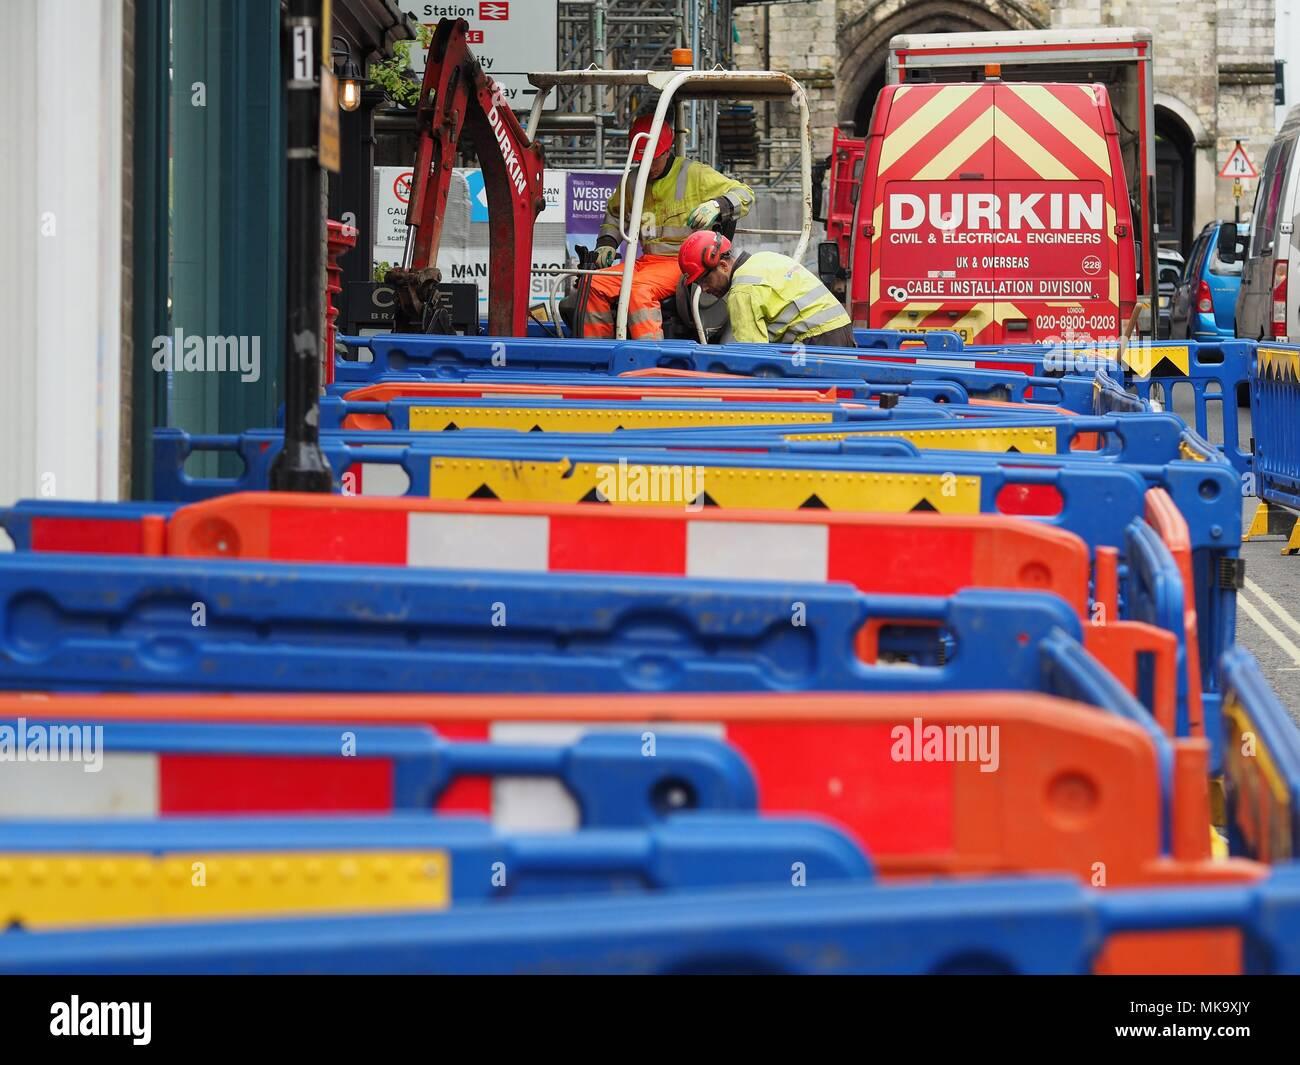 Mejoras de pavimento Winchester extensa labor, los comerciantes afectados por las mejoras Imagen De Stock